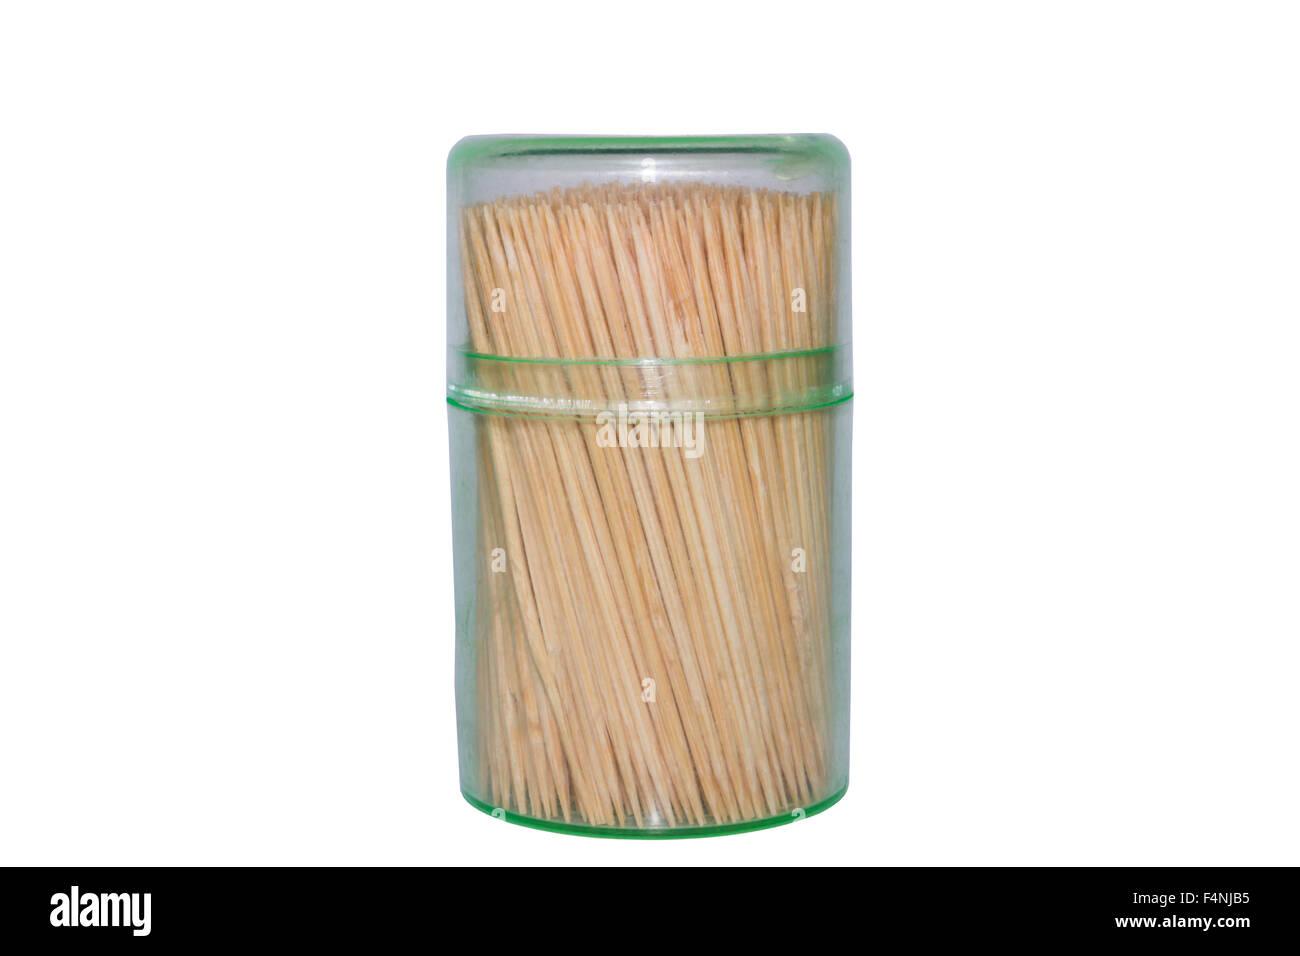 Toothpicks on isolated white background - Stock Image